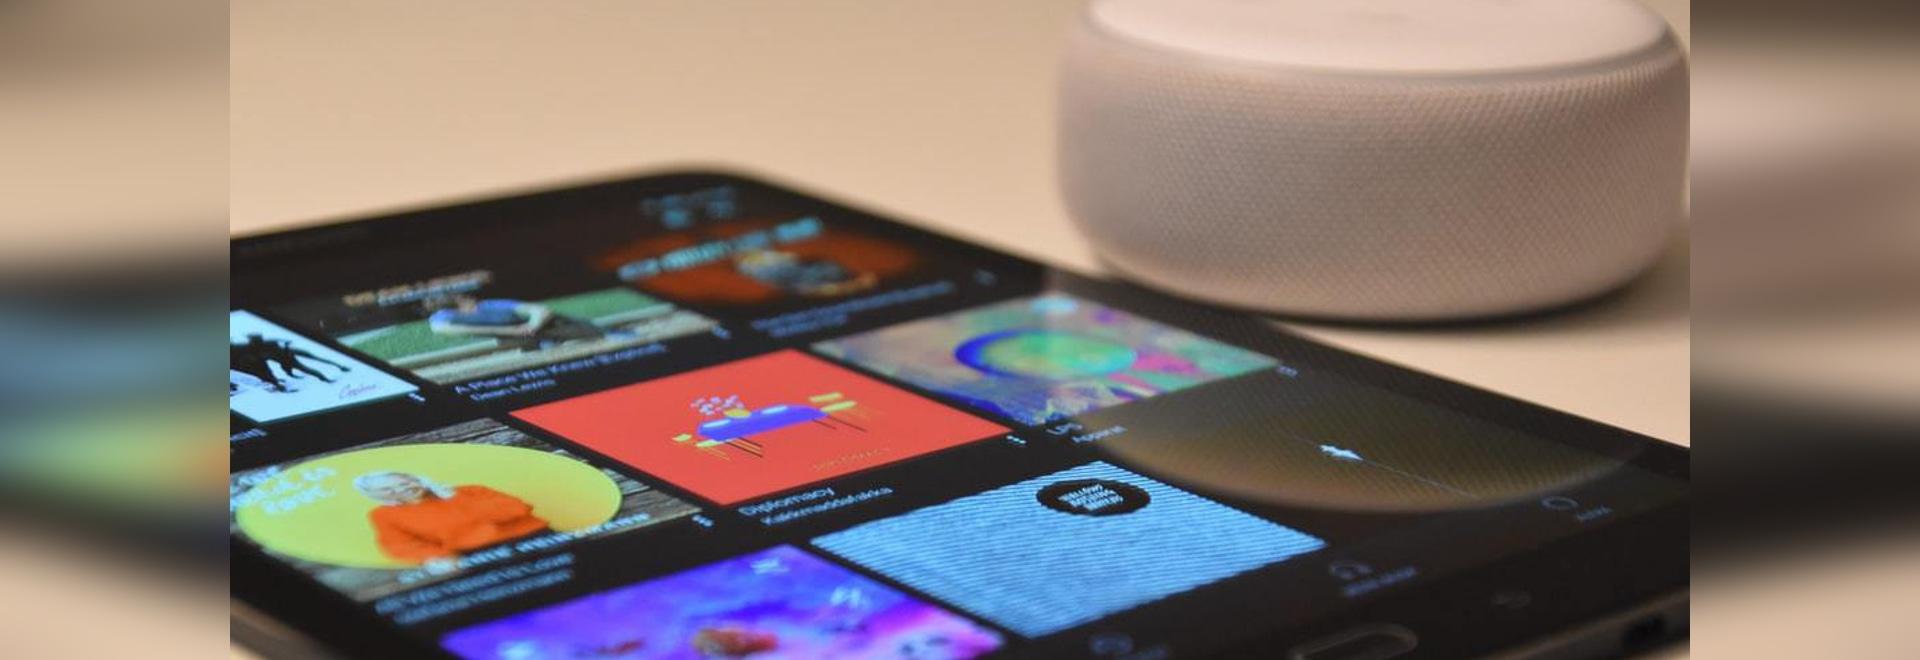 Black tablet computer beside round white portable 'Alexa' speaker